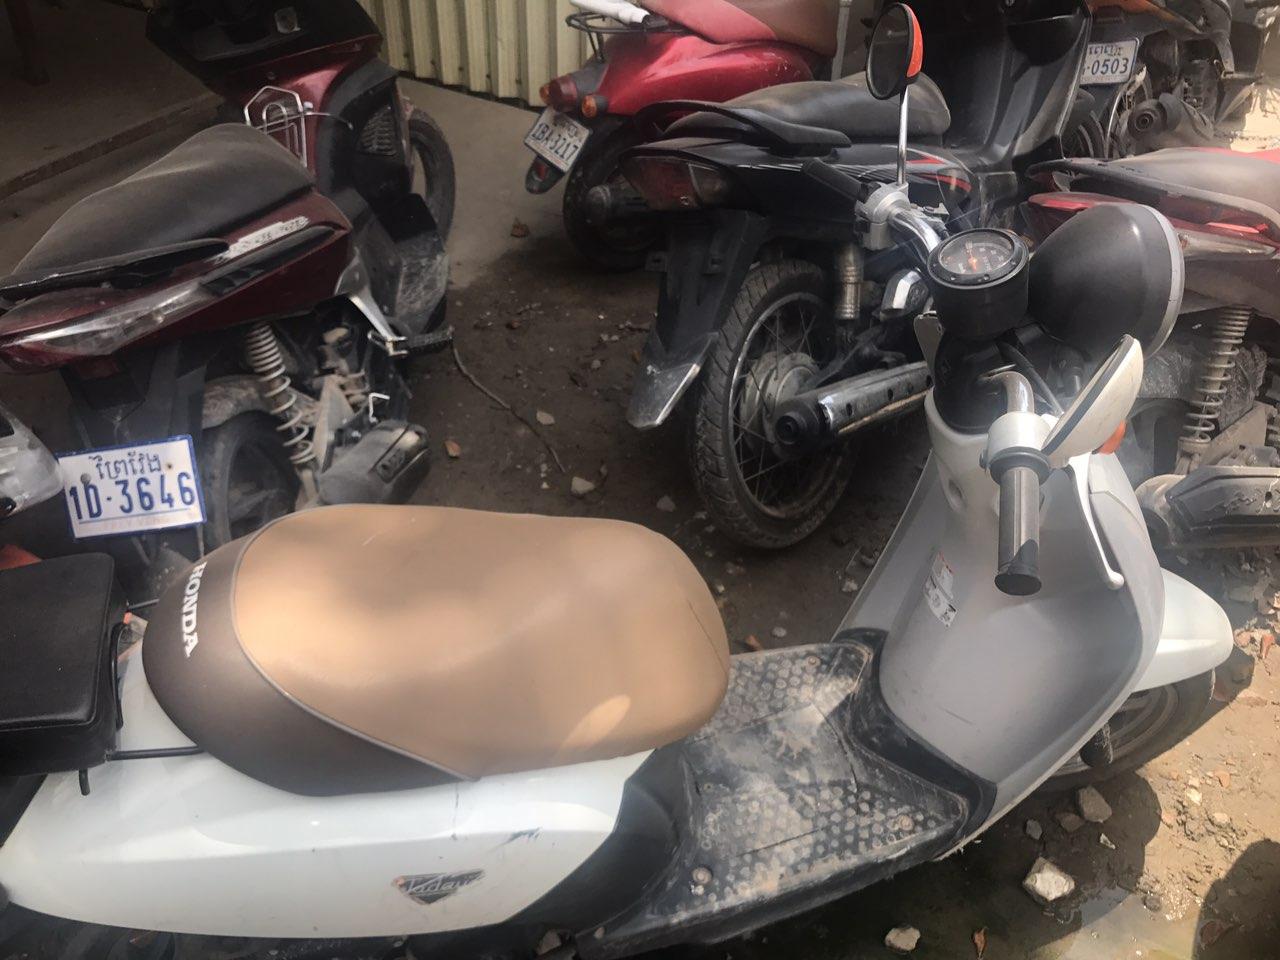 西港低价出售二手摩托车